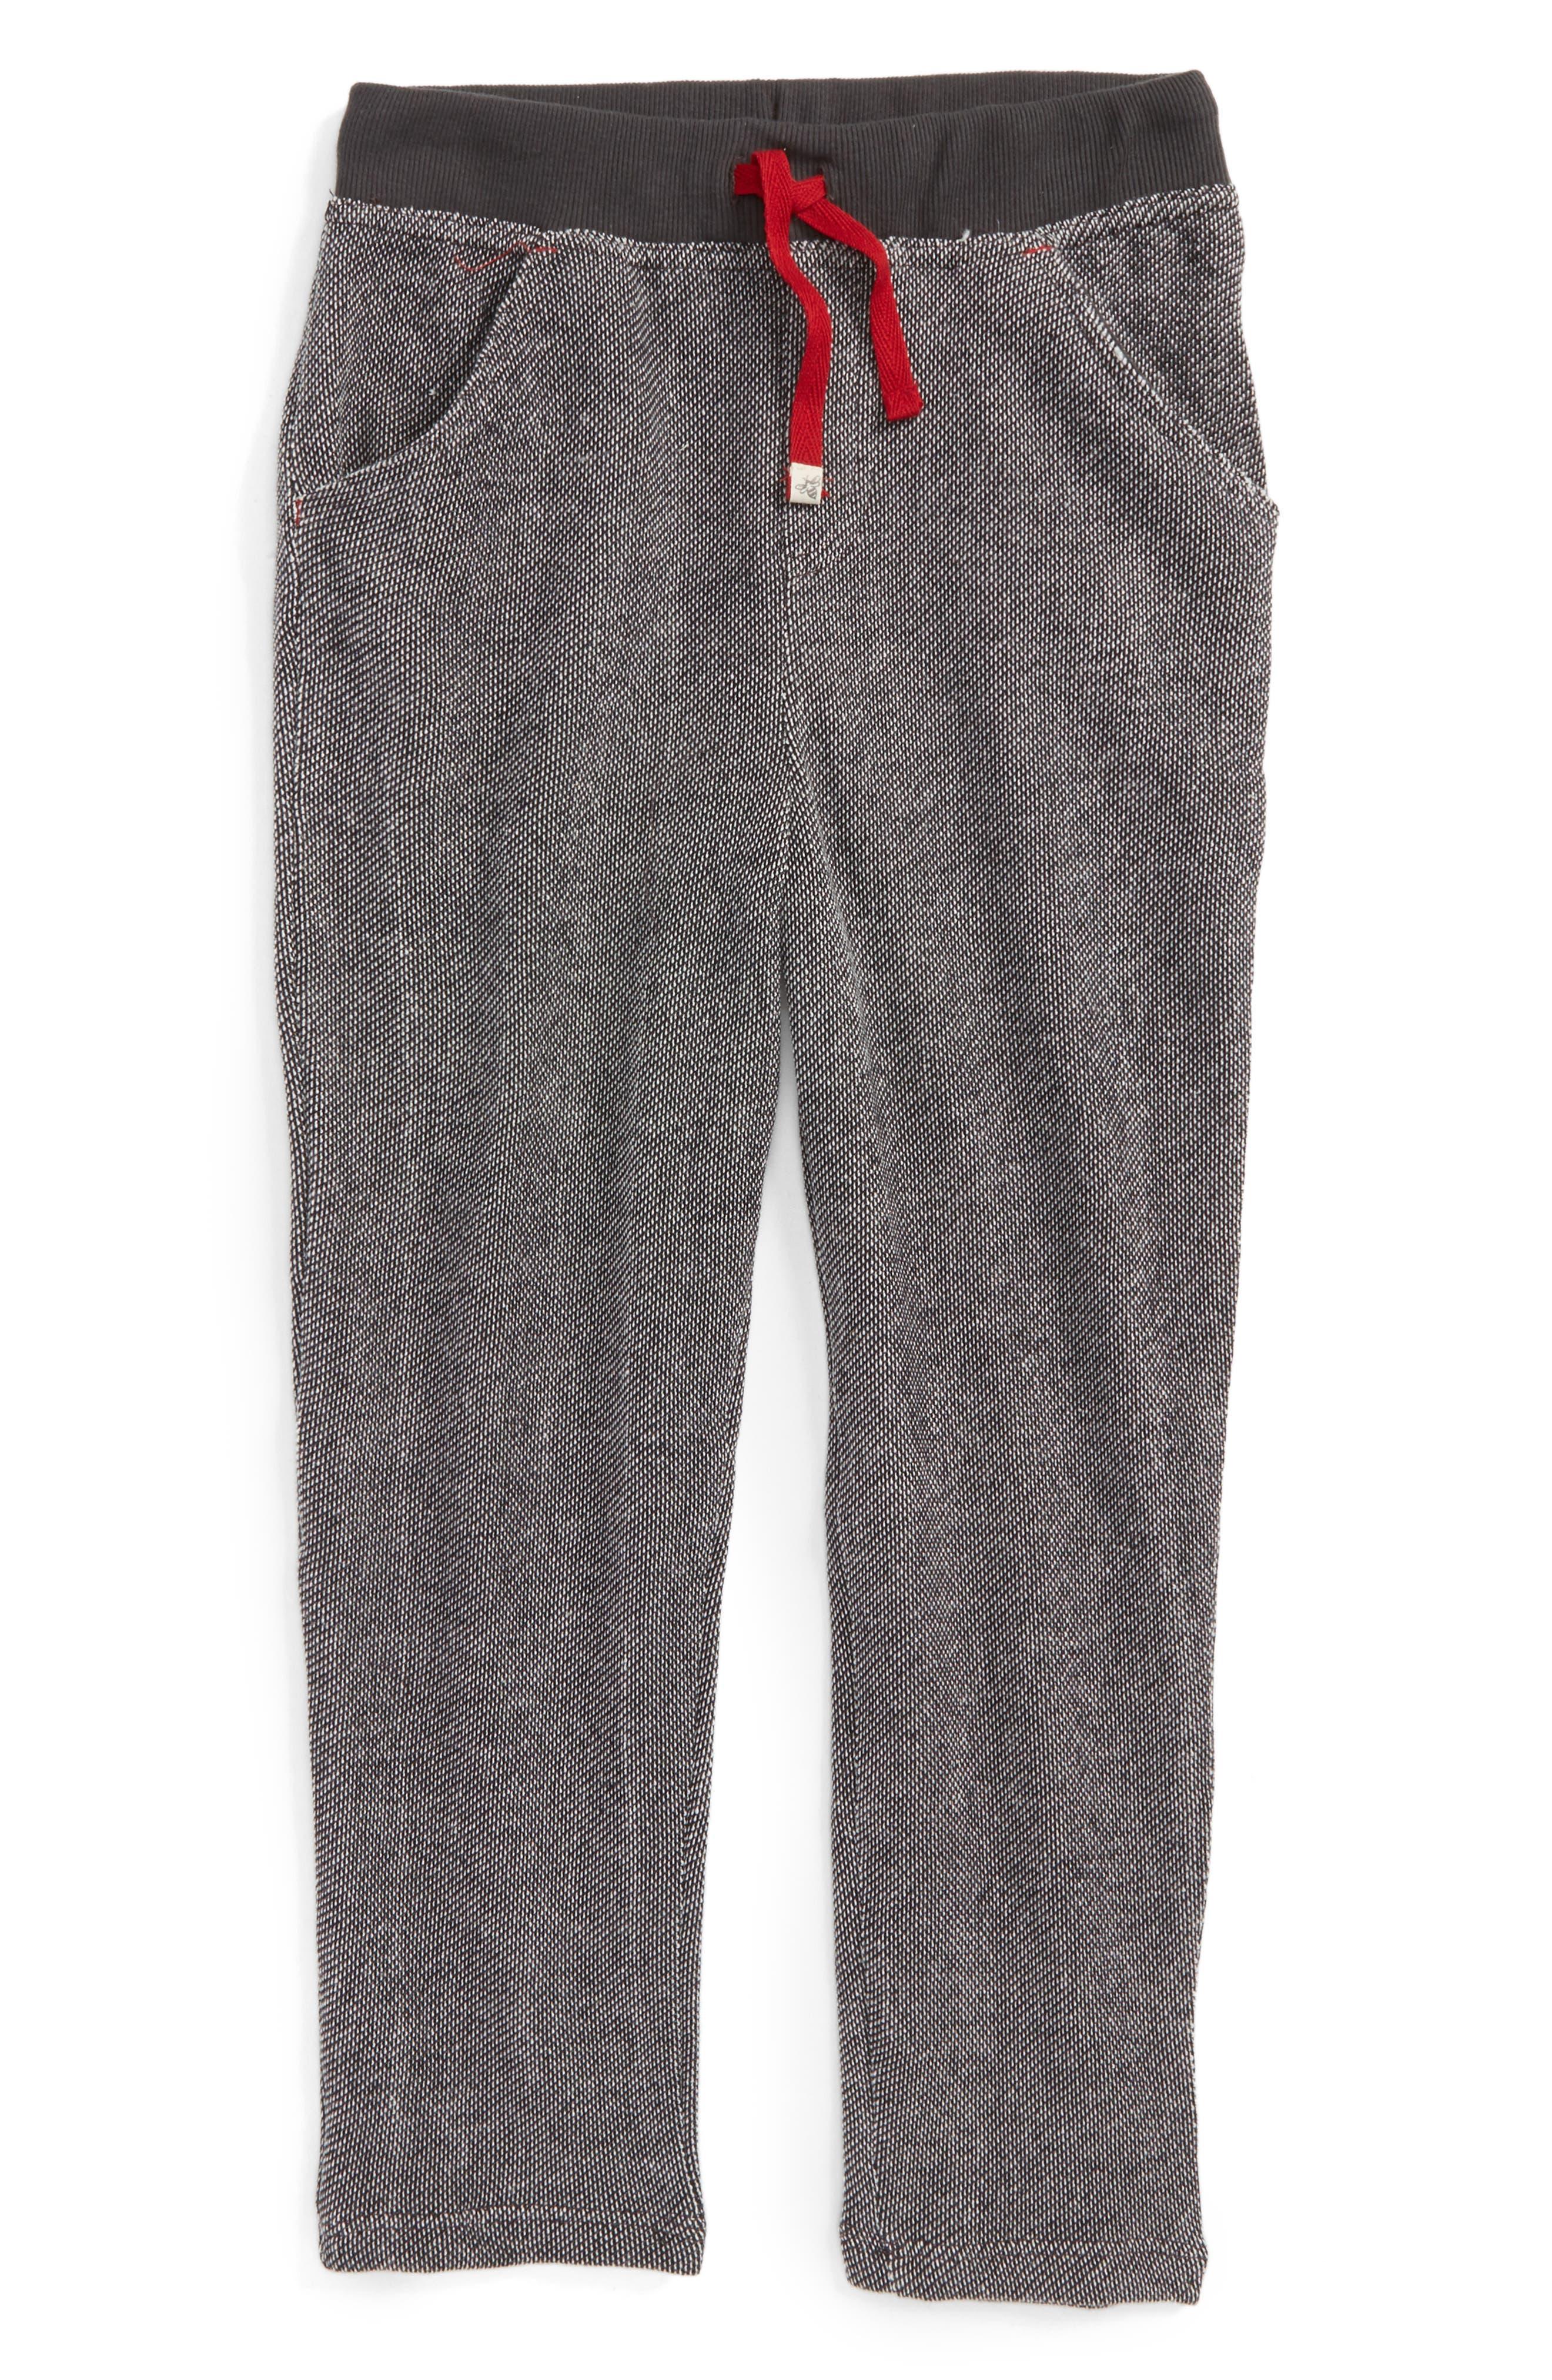 Piqué Organic Cotton Pants,                         Main,                         color, Onyx